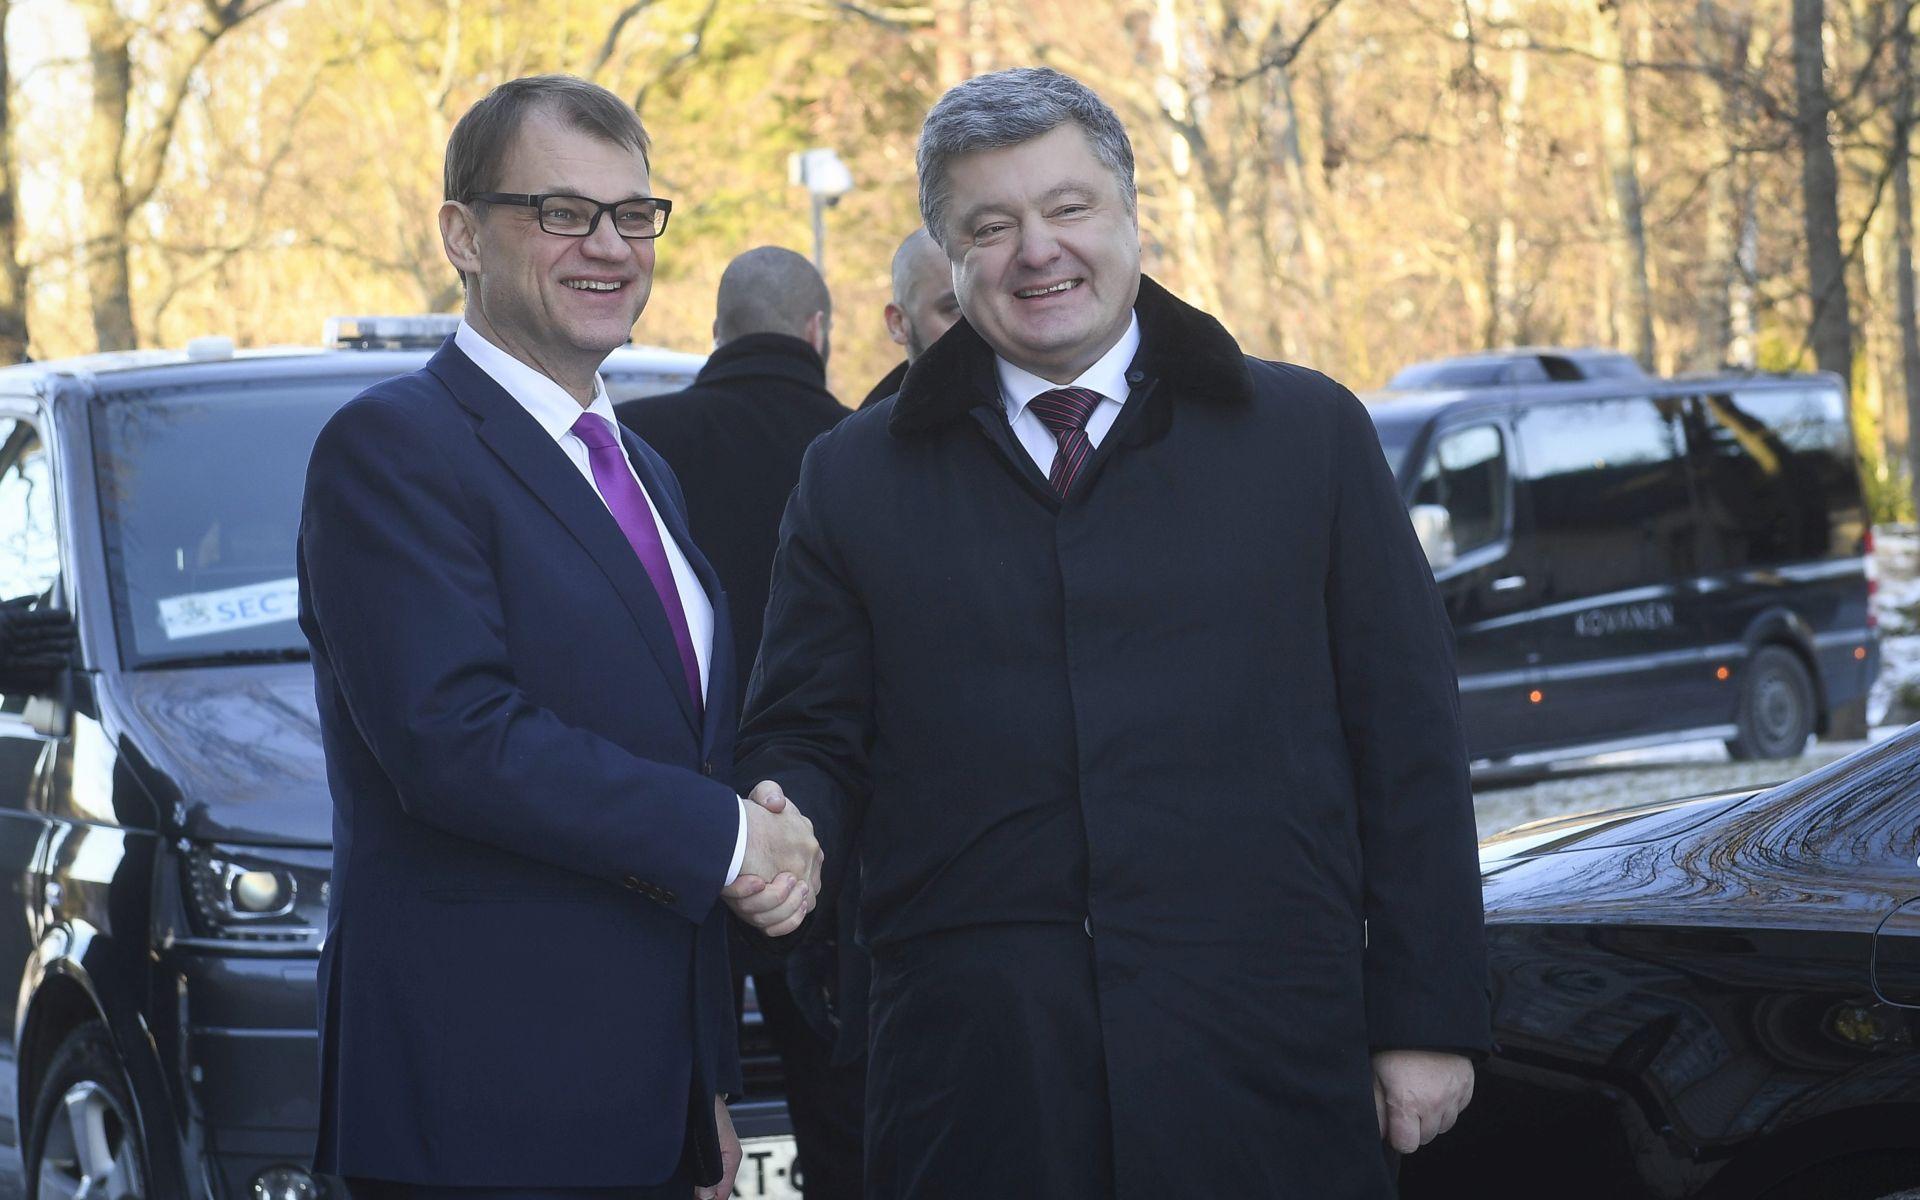 ODBACUJE TRUMPOV PRIJEDLOG: Porošenko ističe da treba zadržati sankcije Rusiji